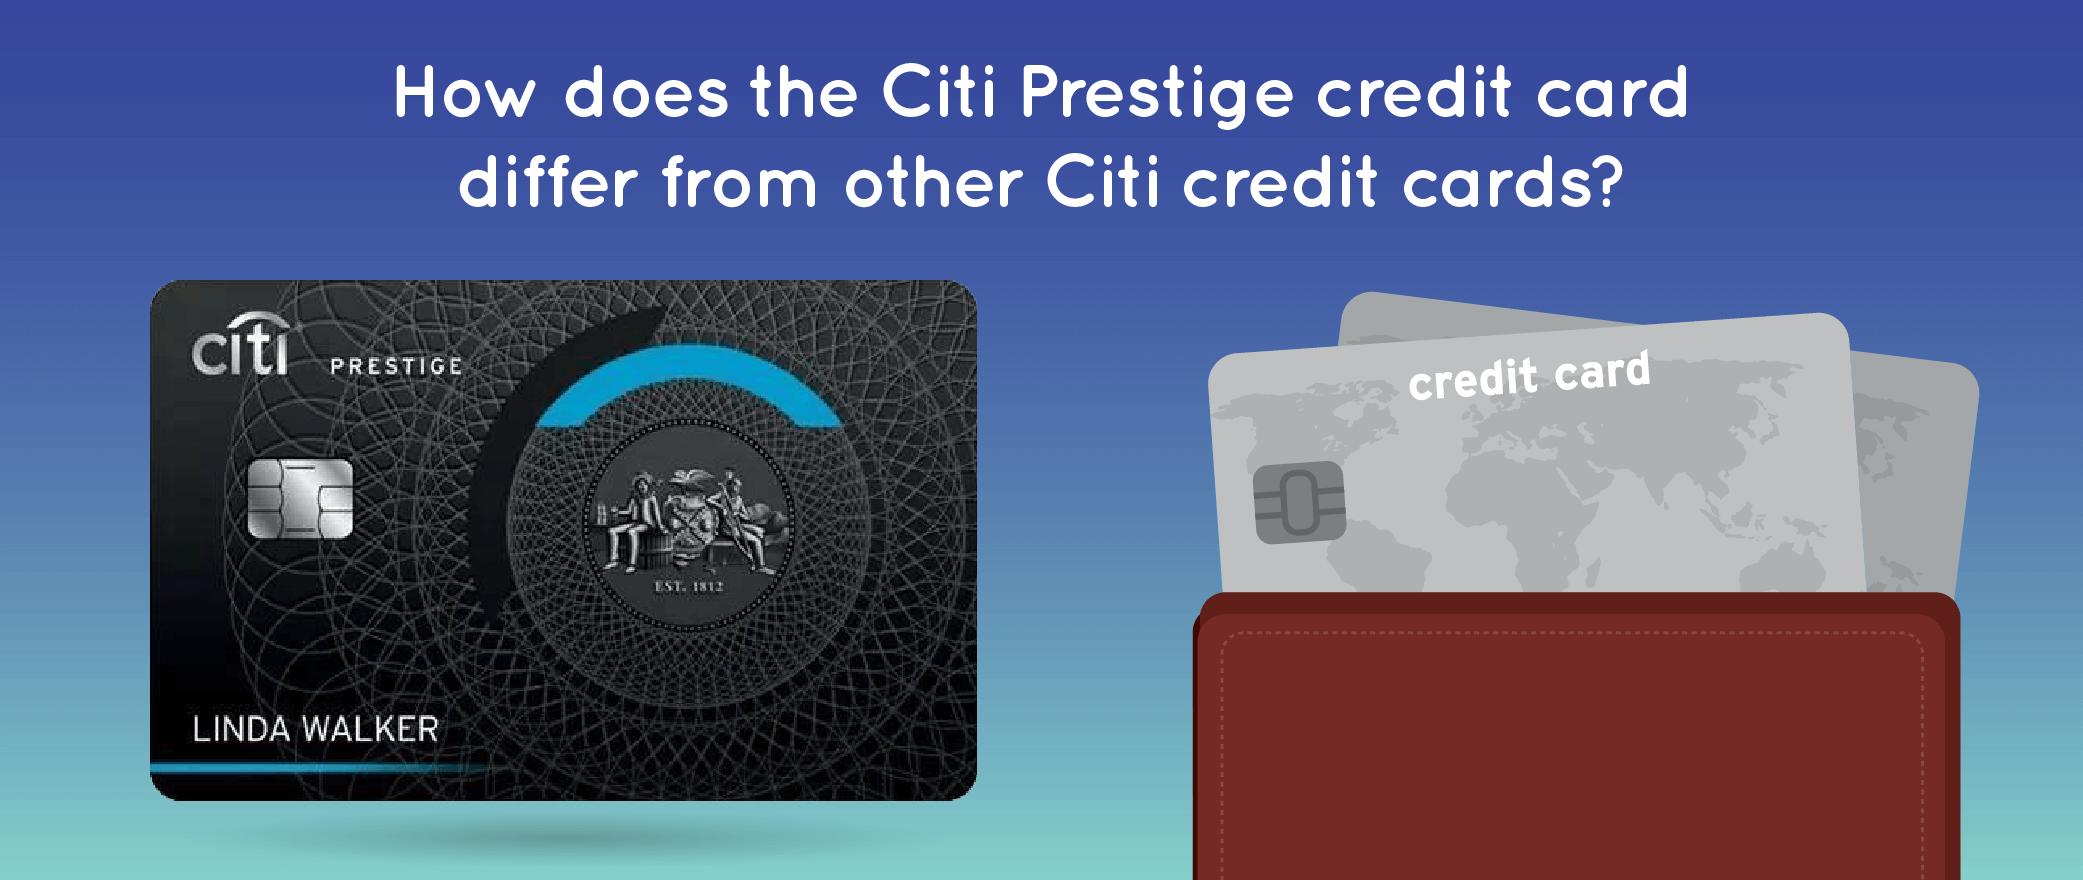 Citi Prestige Credit Card Review - CreditLoan.com®